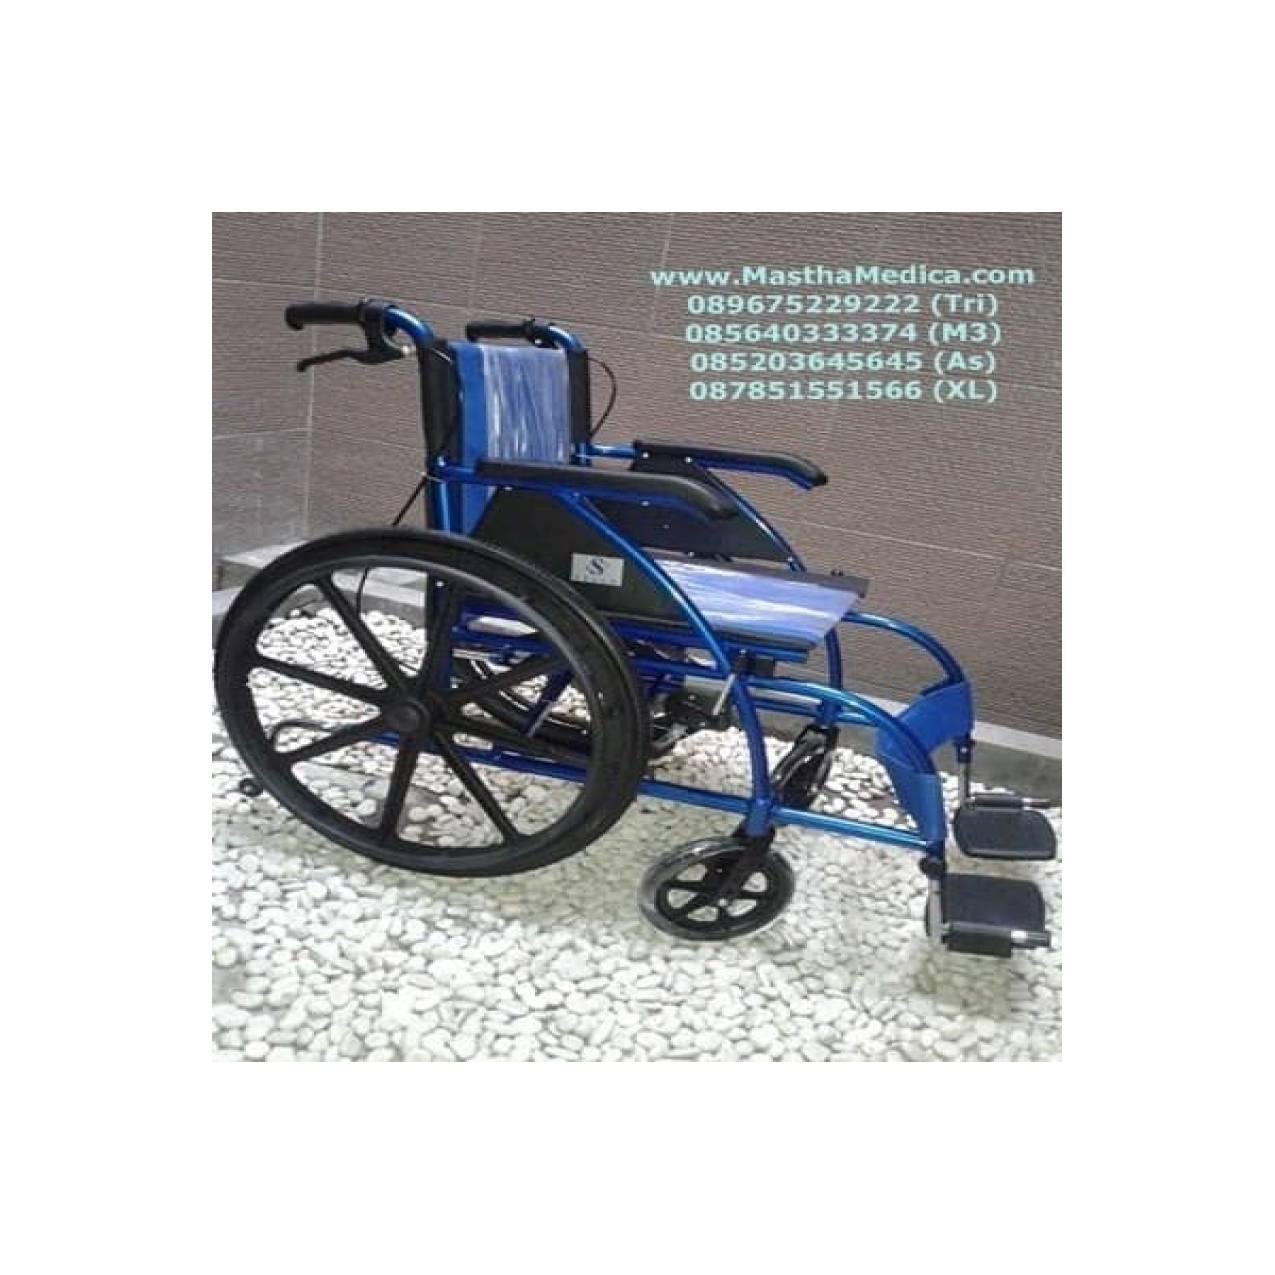 Kursi Roda Wheel Chair KY869LBJ Aluminium Biru Velg Racing Sella Murah